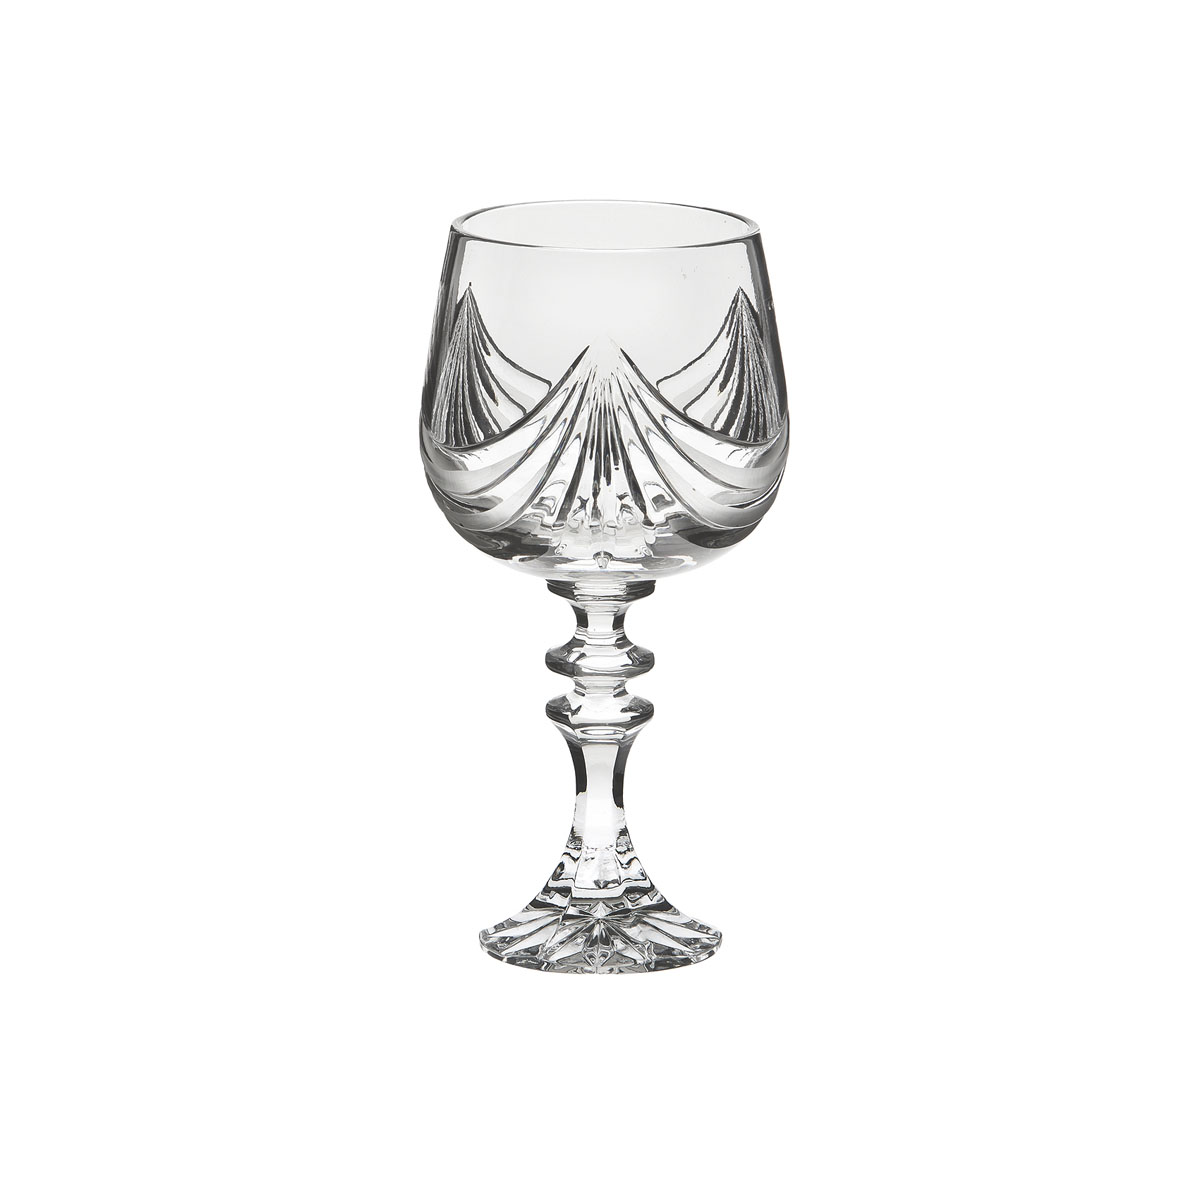 Рюмка Дятьковский хрусталь Ностальгия, большая, 180 мл. С503/4FA-5125 WhiteХрустальные рюмки - пожалуй самая необходимая и прывичная часть посуды в каждом русском доме. Это посуда сугубо для алкогольных напитков. Вообще существует закономерность - чем крепче спиртной напиток, тем меньше объем рюмки, бокала или стопки. Хрустальные рюмки для водки - самые маленькие, а хрустальный рюмки для ликеров, коктейлей и вина - обычно больше.